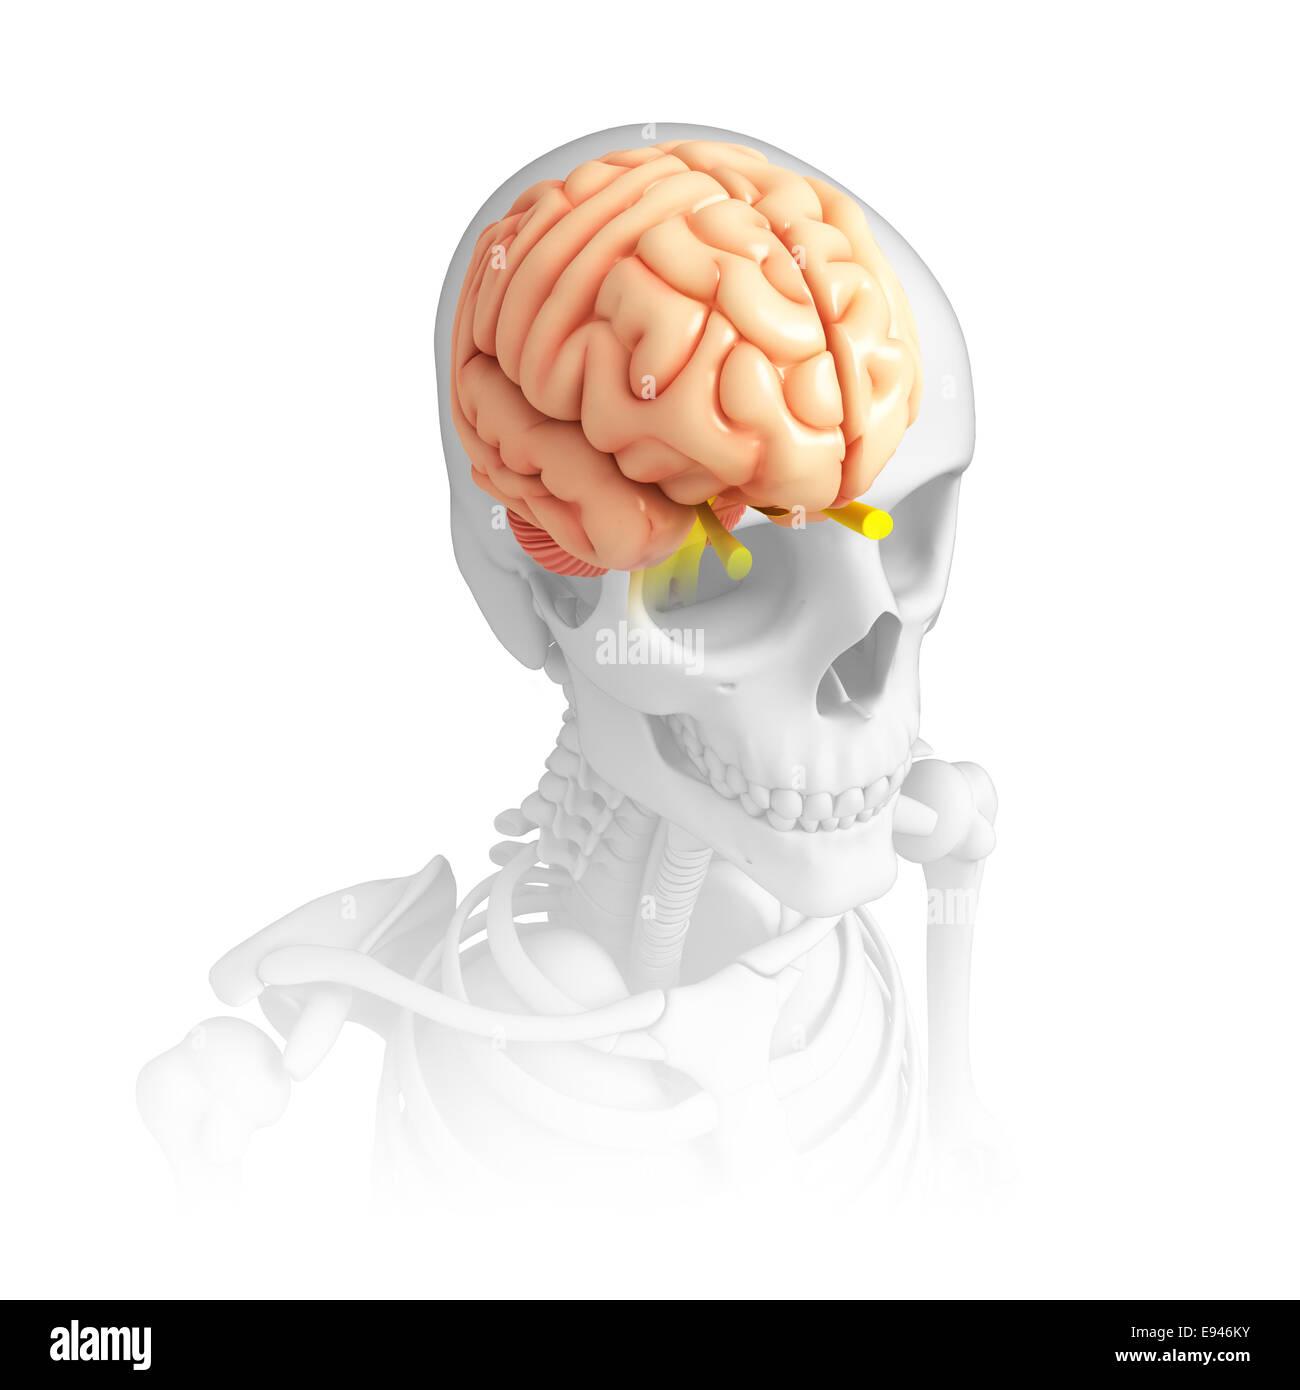 Niedlich Bücher über Die Menschliche Anatomie Und Physiologie ...